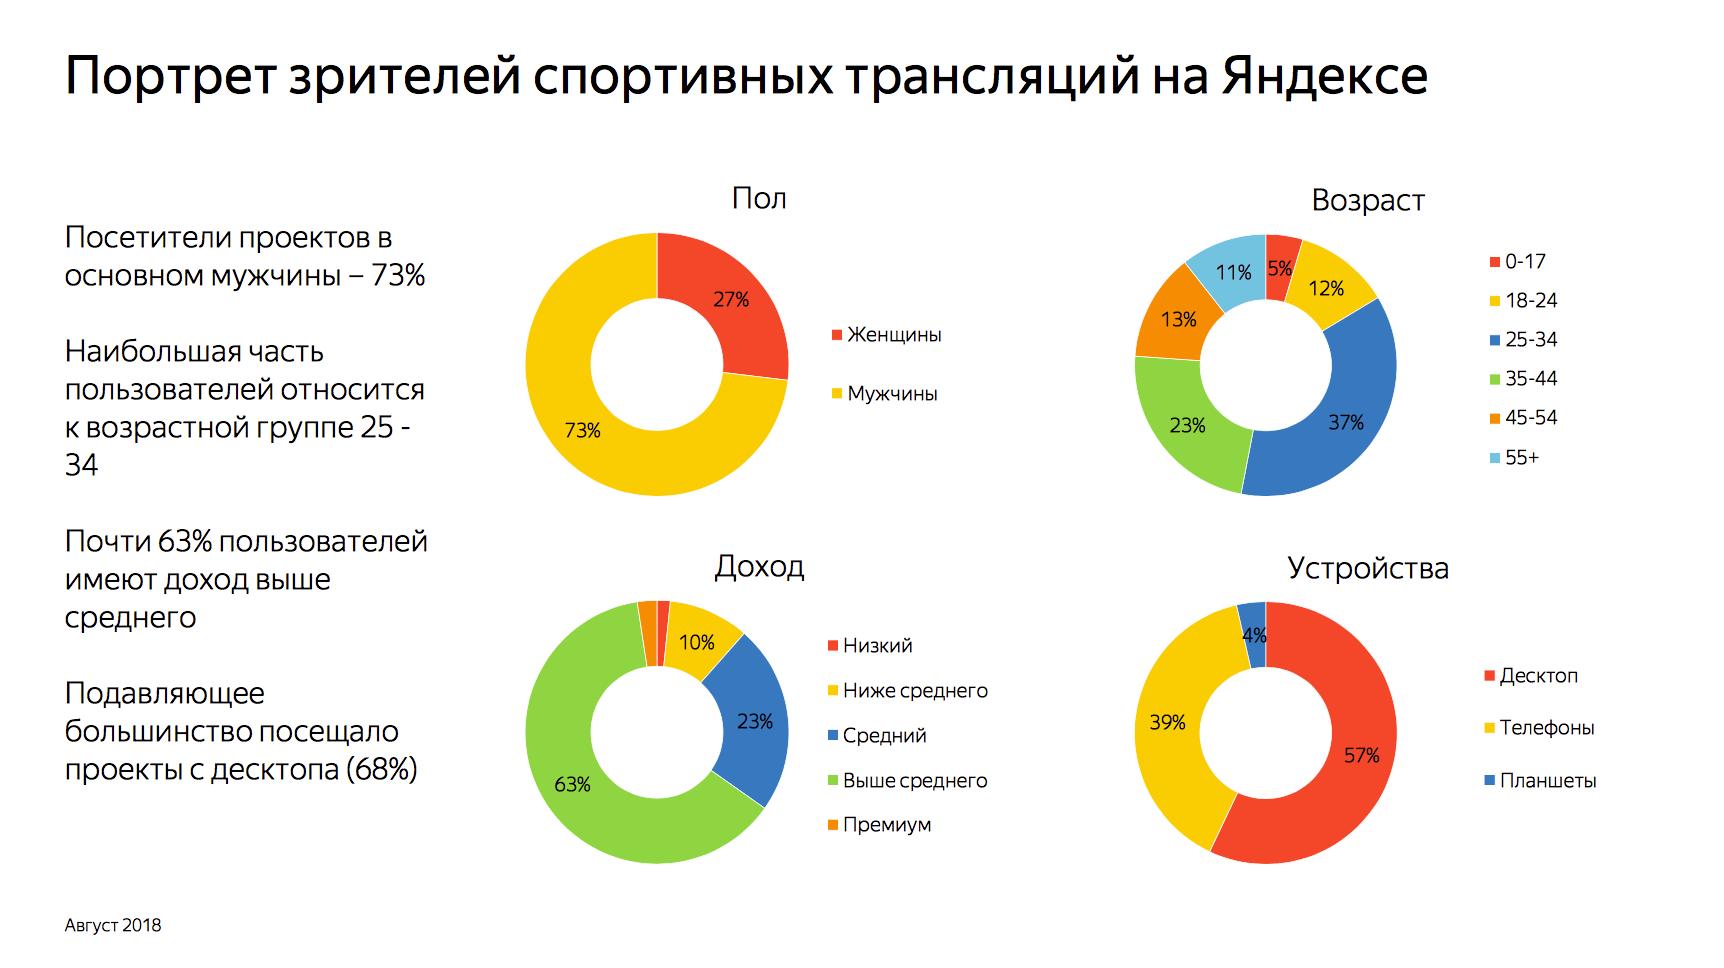 Целевая аудитория спортивных трансляций Яндекса